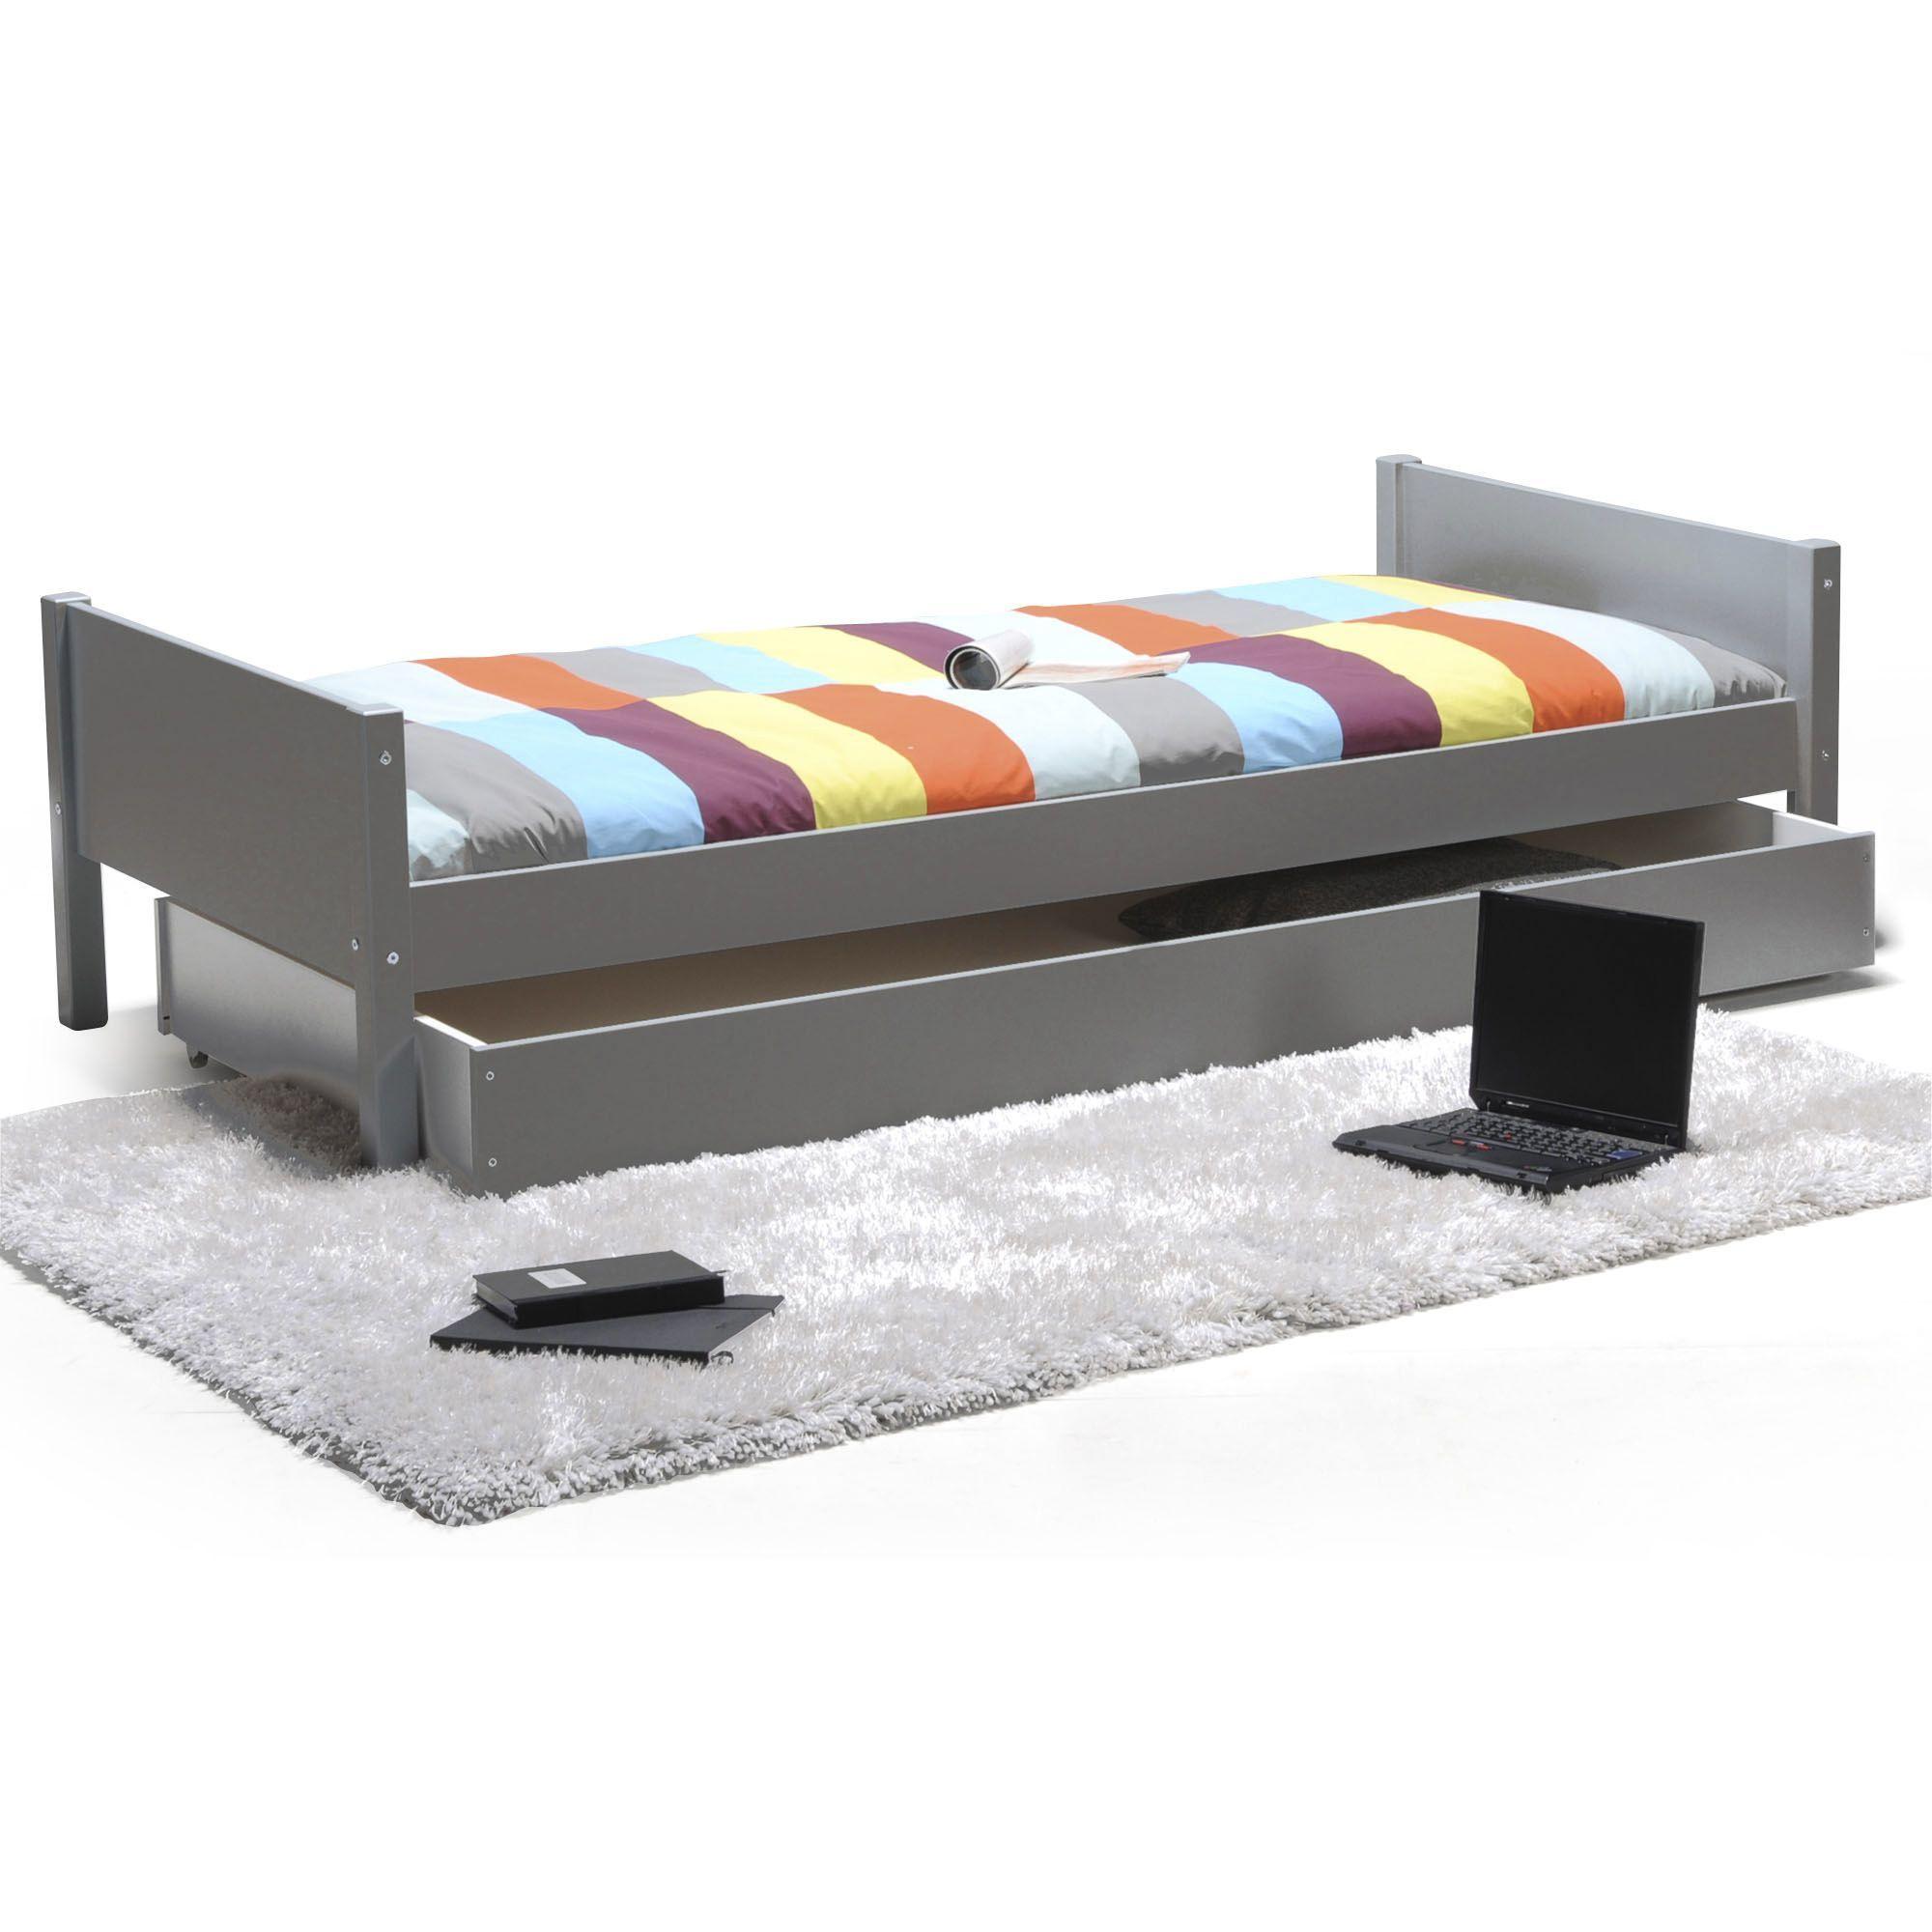 lit 90x200cm avec son tiroir de rangement my bed les meubles pour chambre enfant - Alinea Lit Enfant